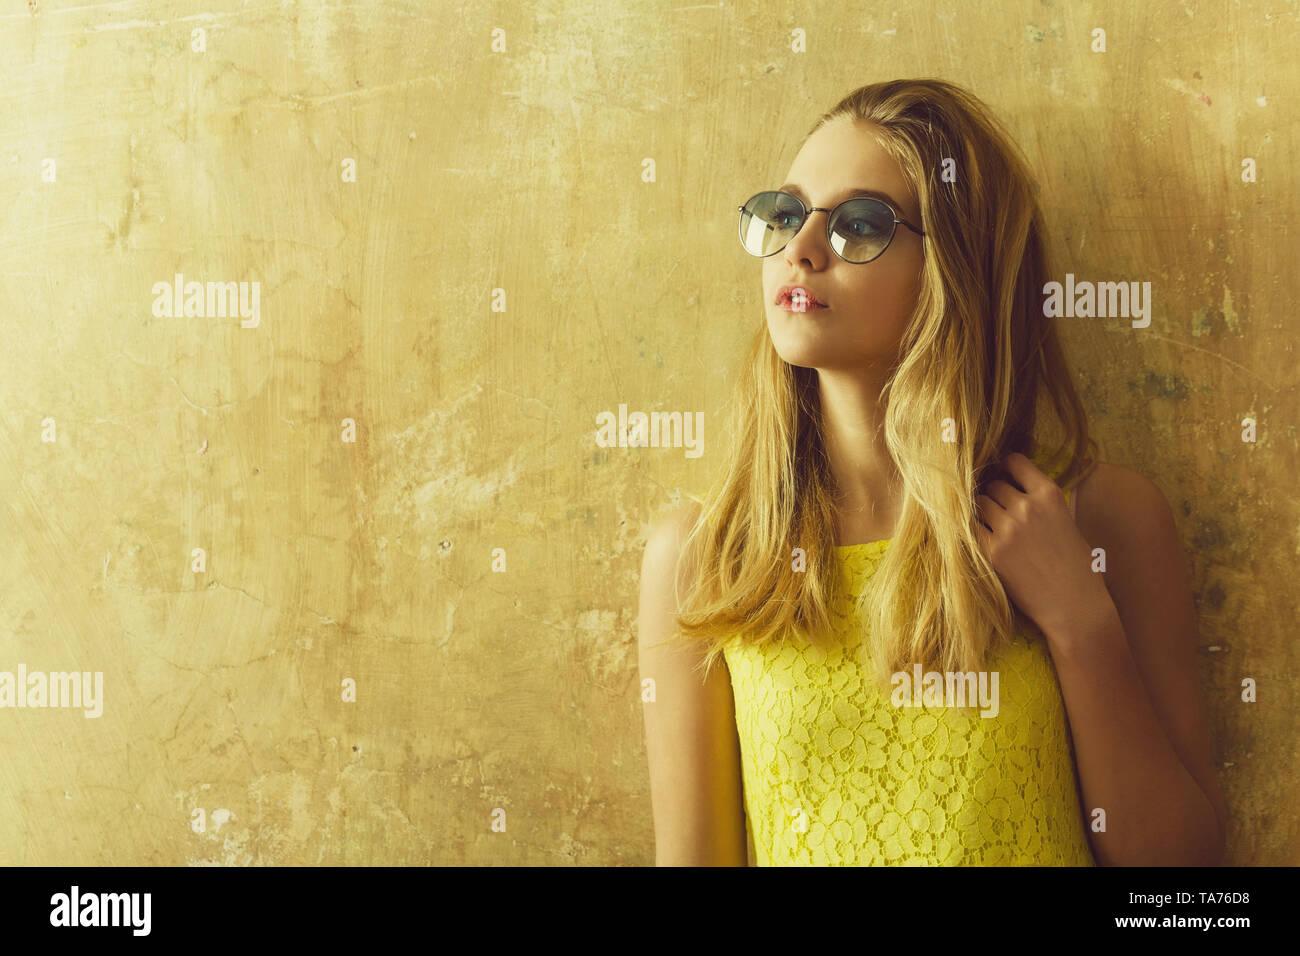 3ce348b8d Chica bonita con largo pelo rubio en vestido amarillo, gafas de sol Imagen  De Stock